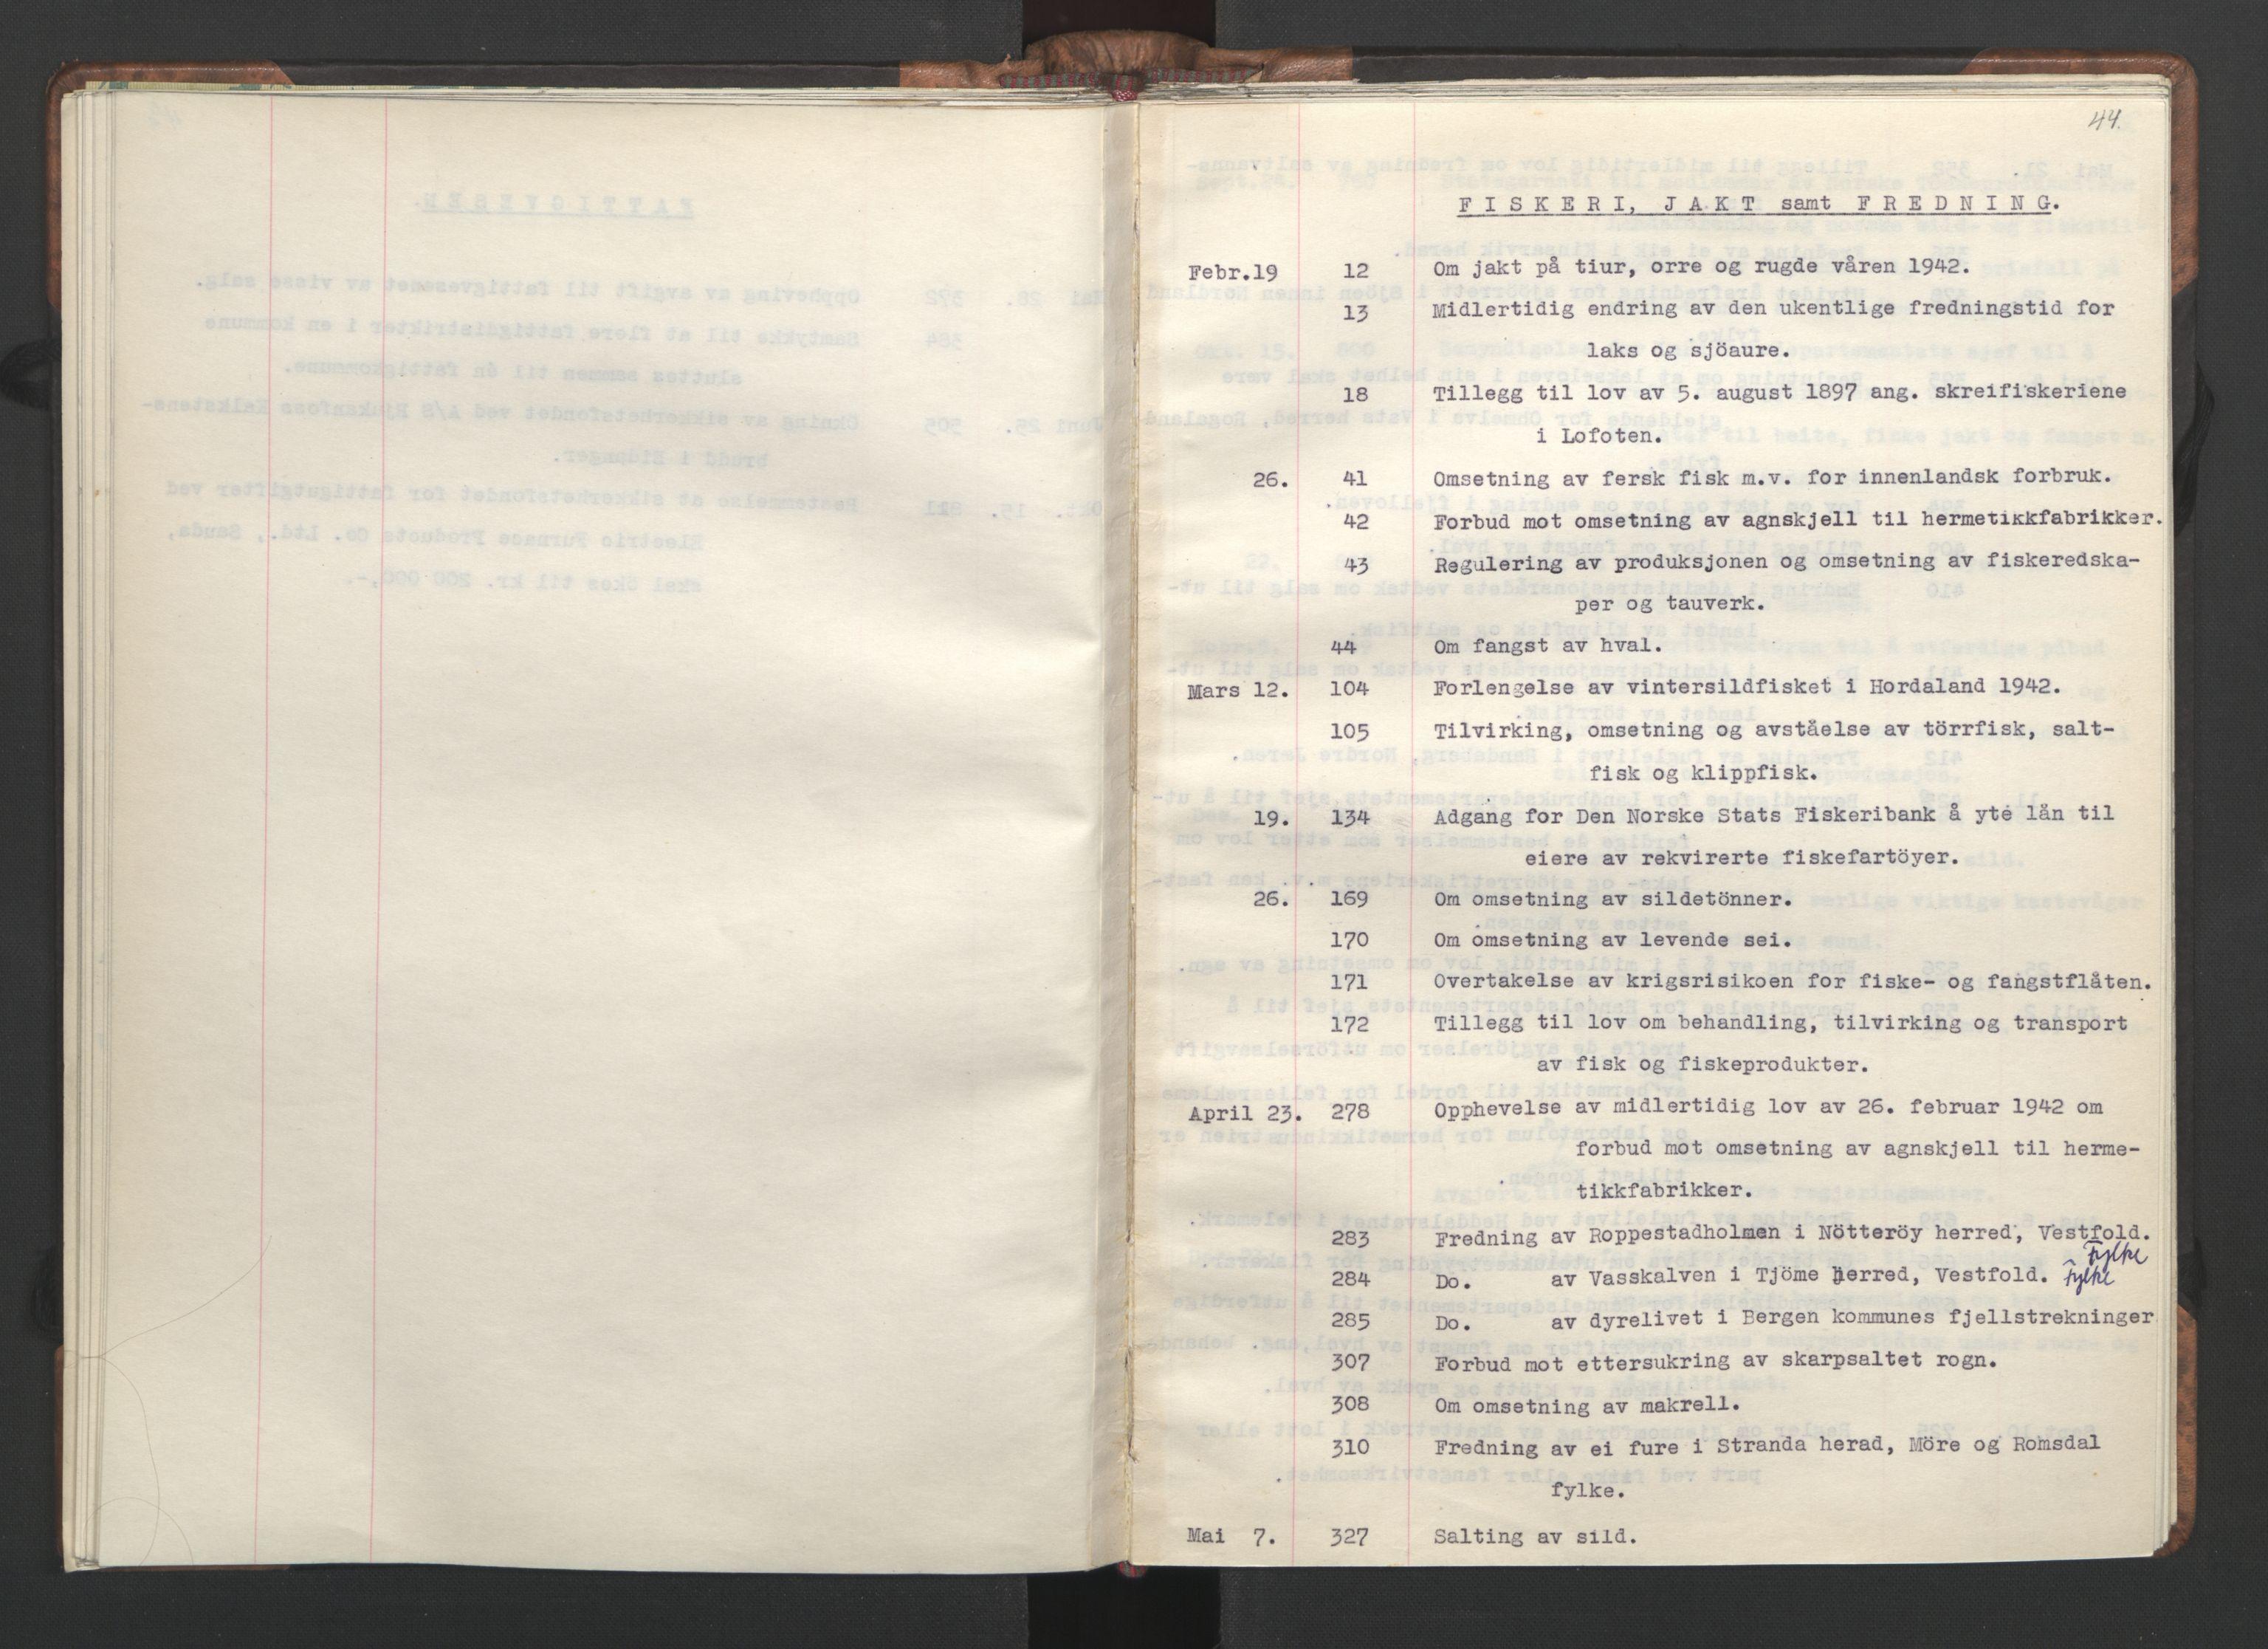 RA, NS-administrasjonen 1940-1945 (Statsrådsekretariatet, de kommisariske statsråder mm), D/Da/L0002: Register (RA j.nr. 985/1943, tilgangsnr. 17/1943), 1942, s. 43b-44a